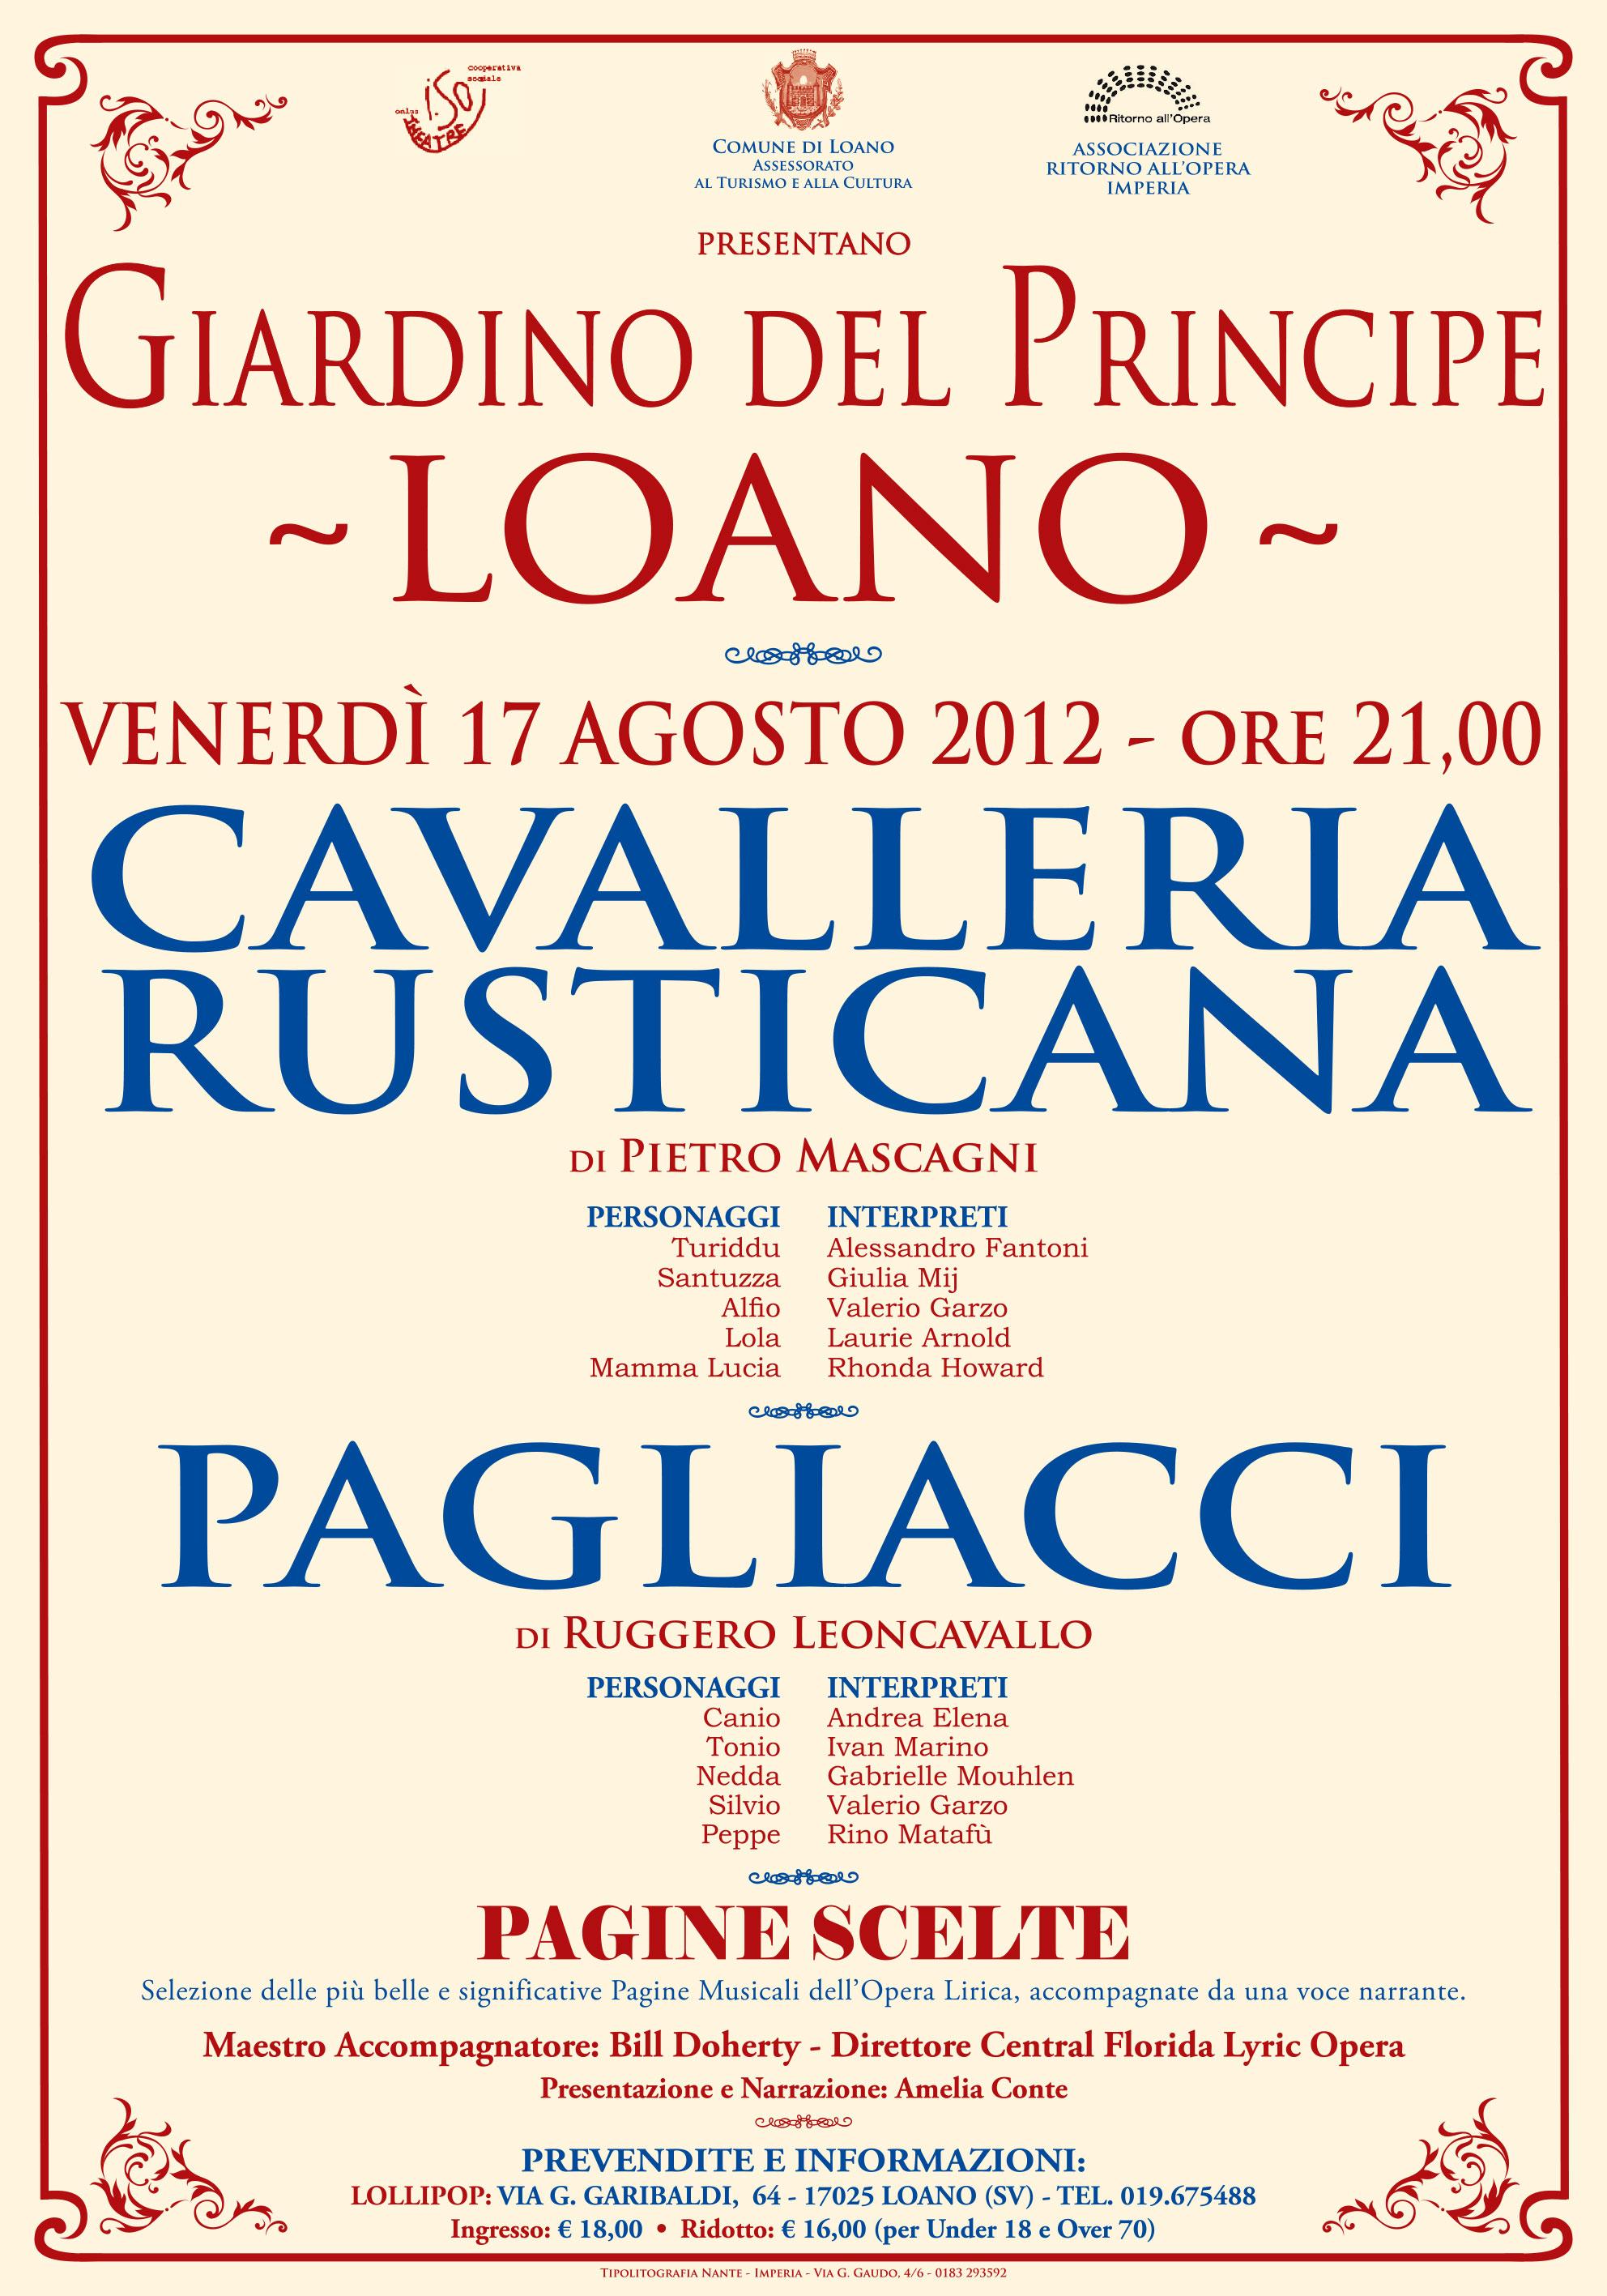 cavalleria_pagliacci_loano